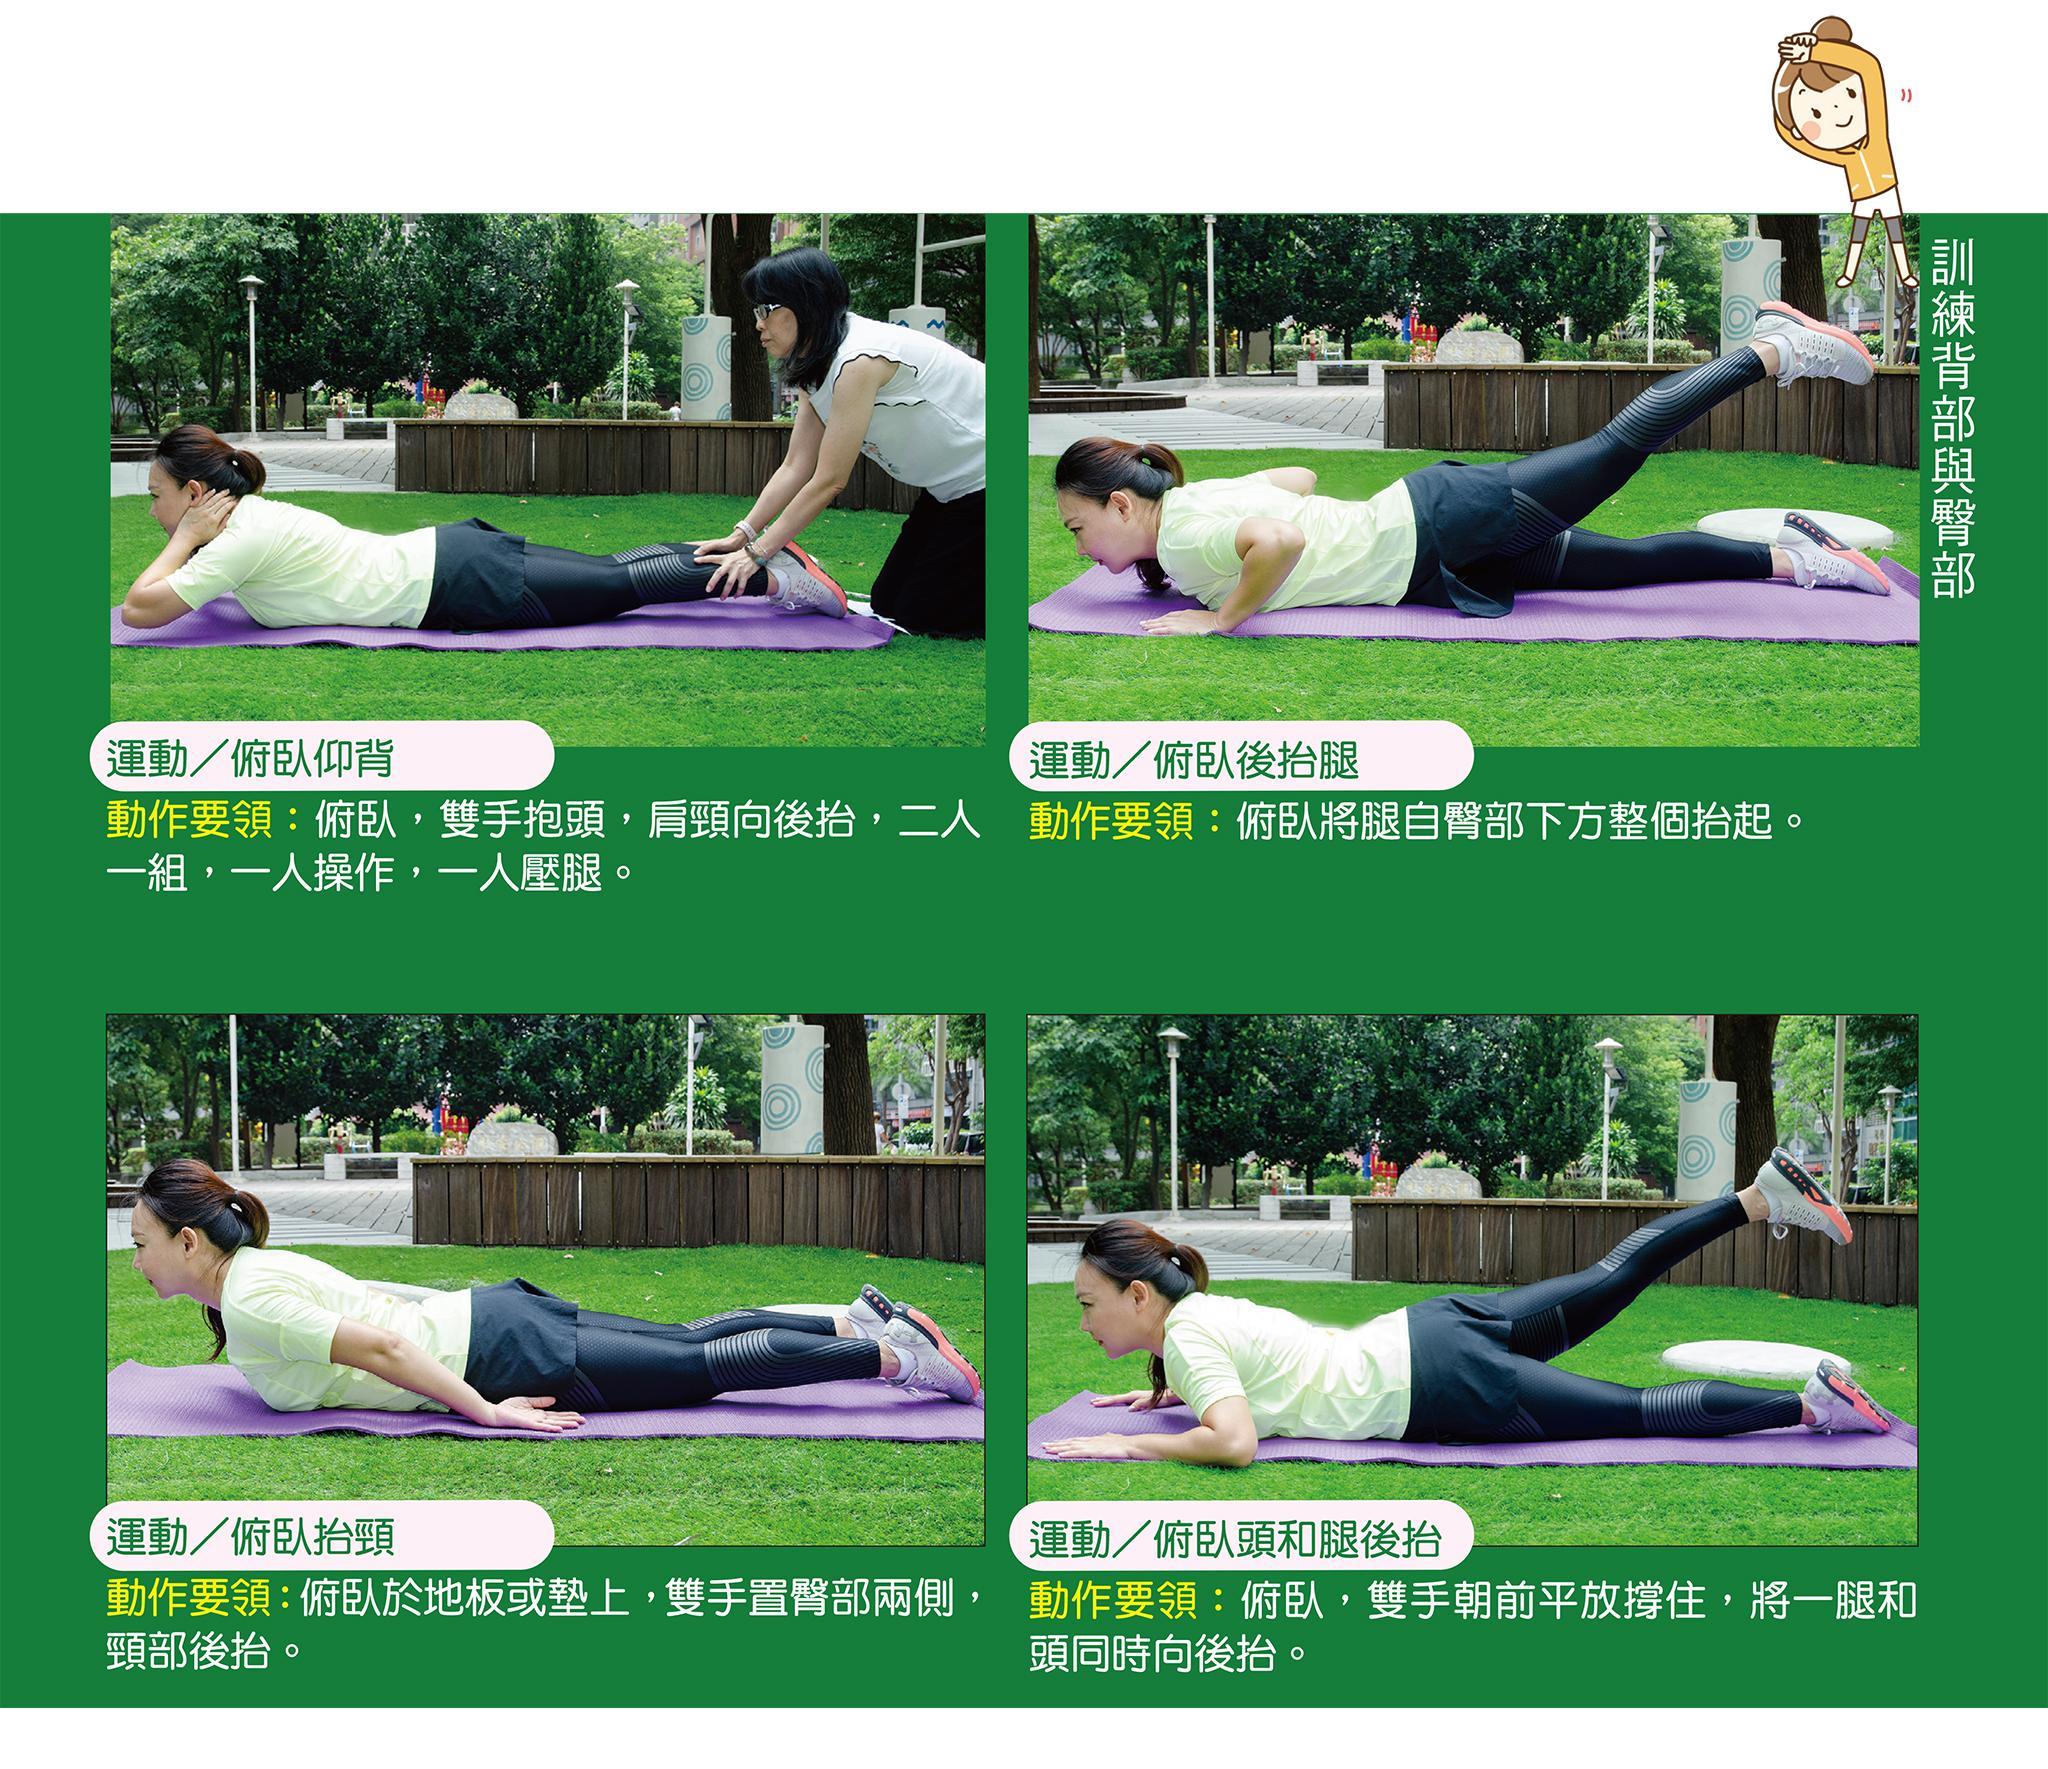 訓練背部與臀部。